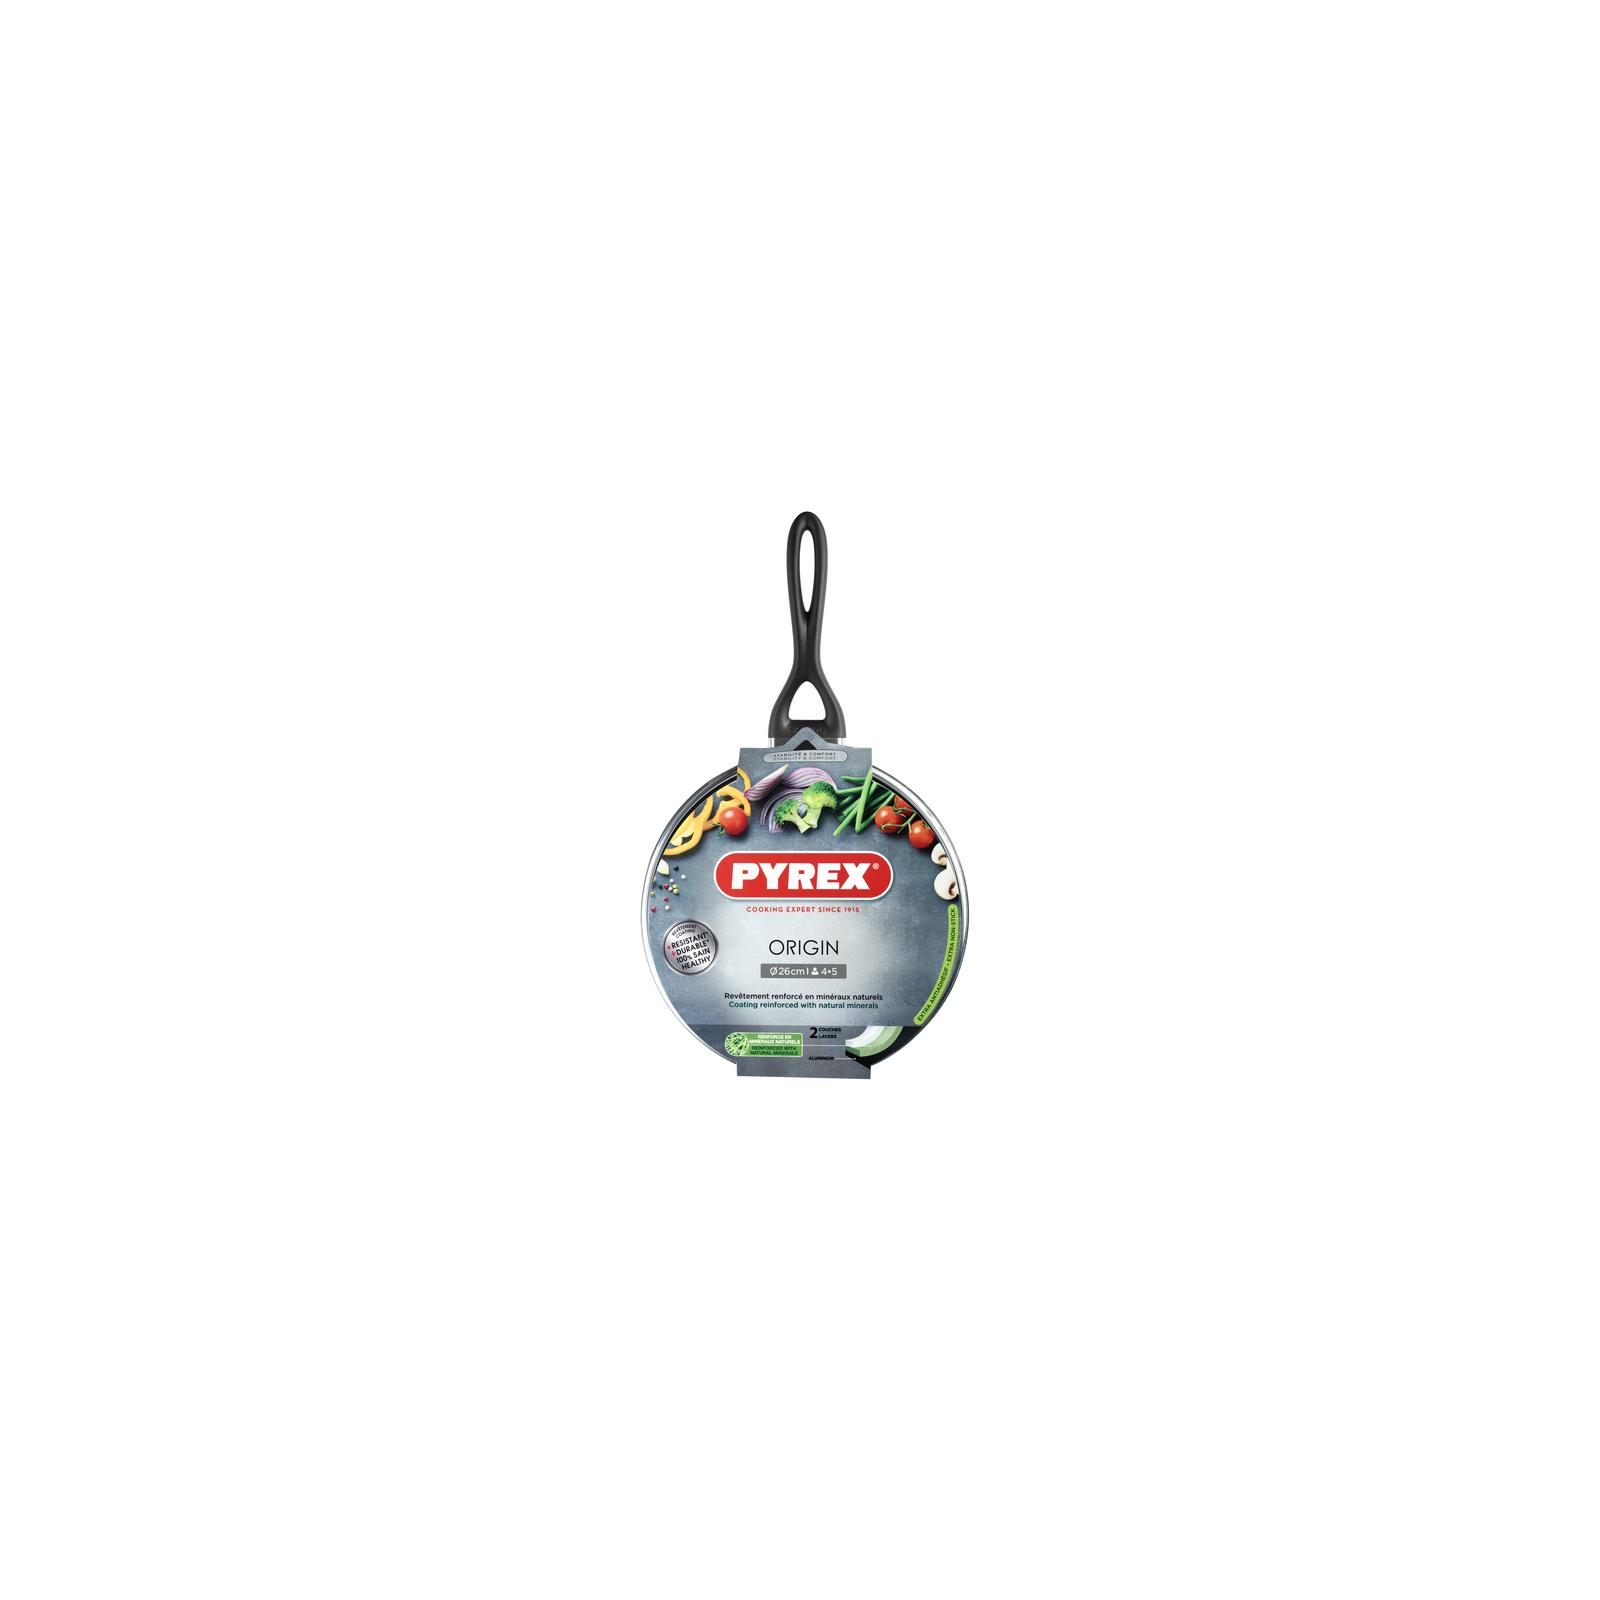 Сотейник Pyrex Origin 26 см (RG26AT3) изображение 3